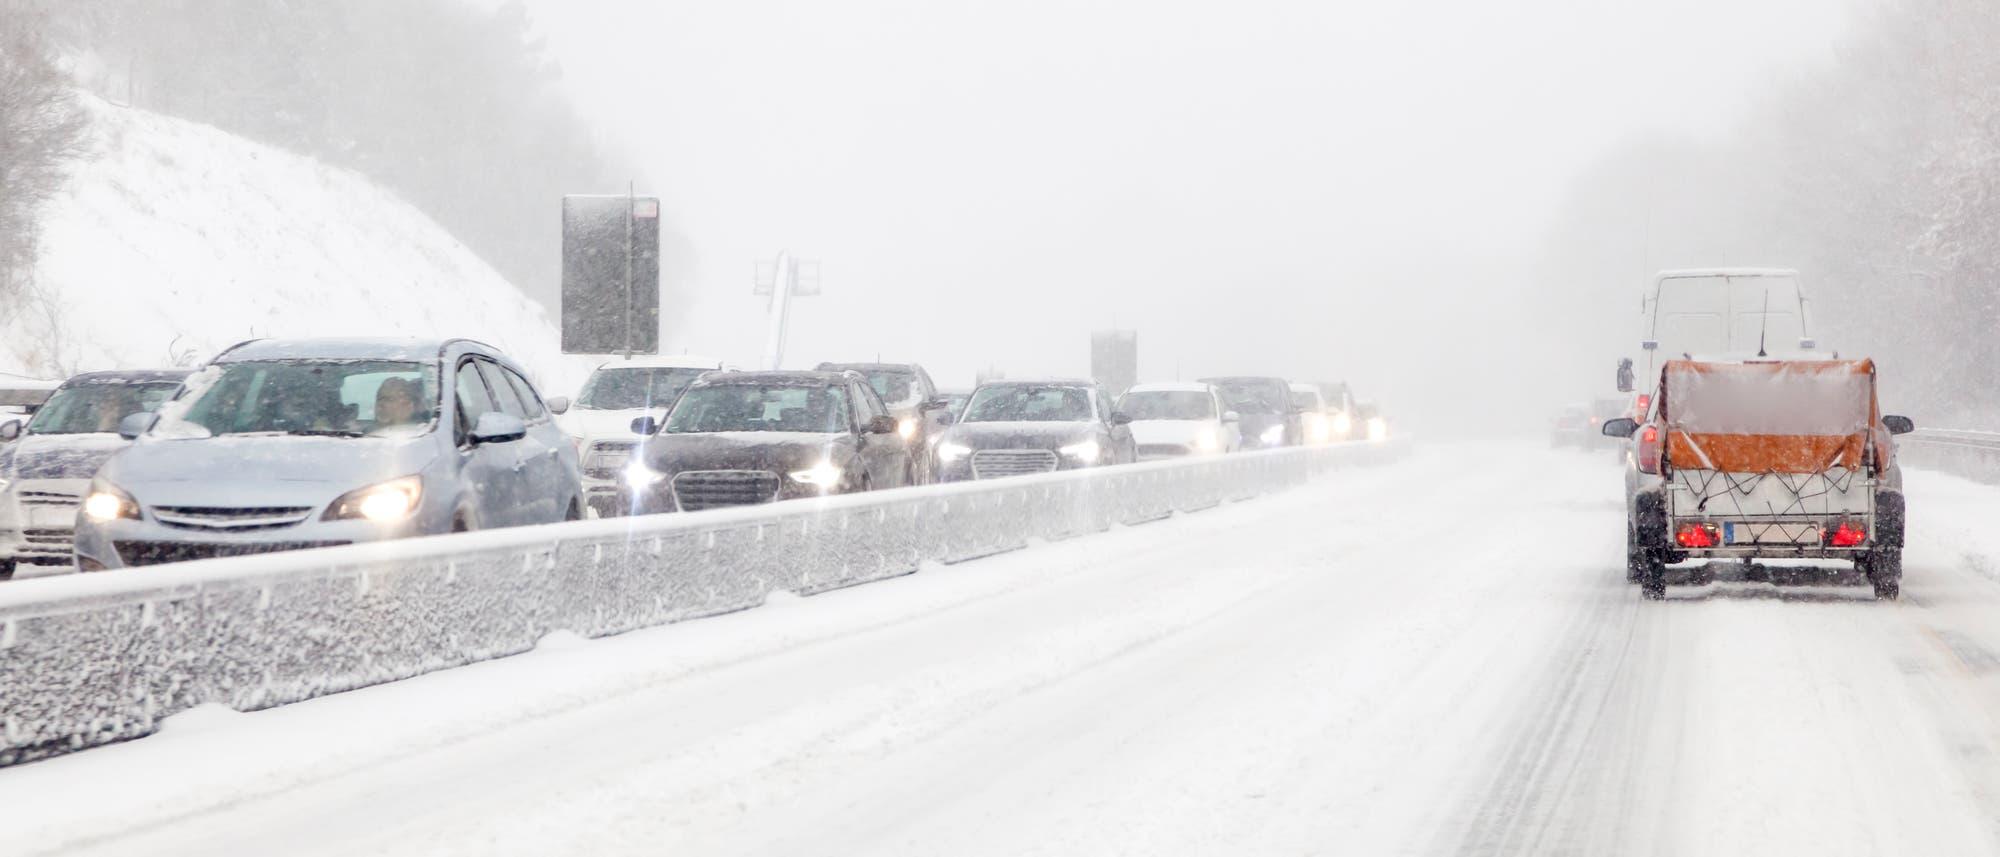 Eine Straße im Neuschnee, auf der Gegenspur stauen sich die Autos.